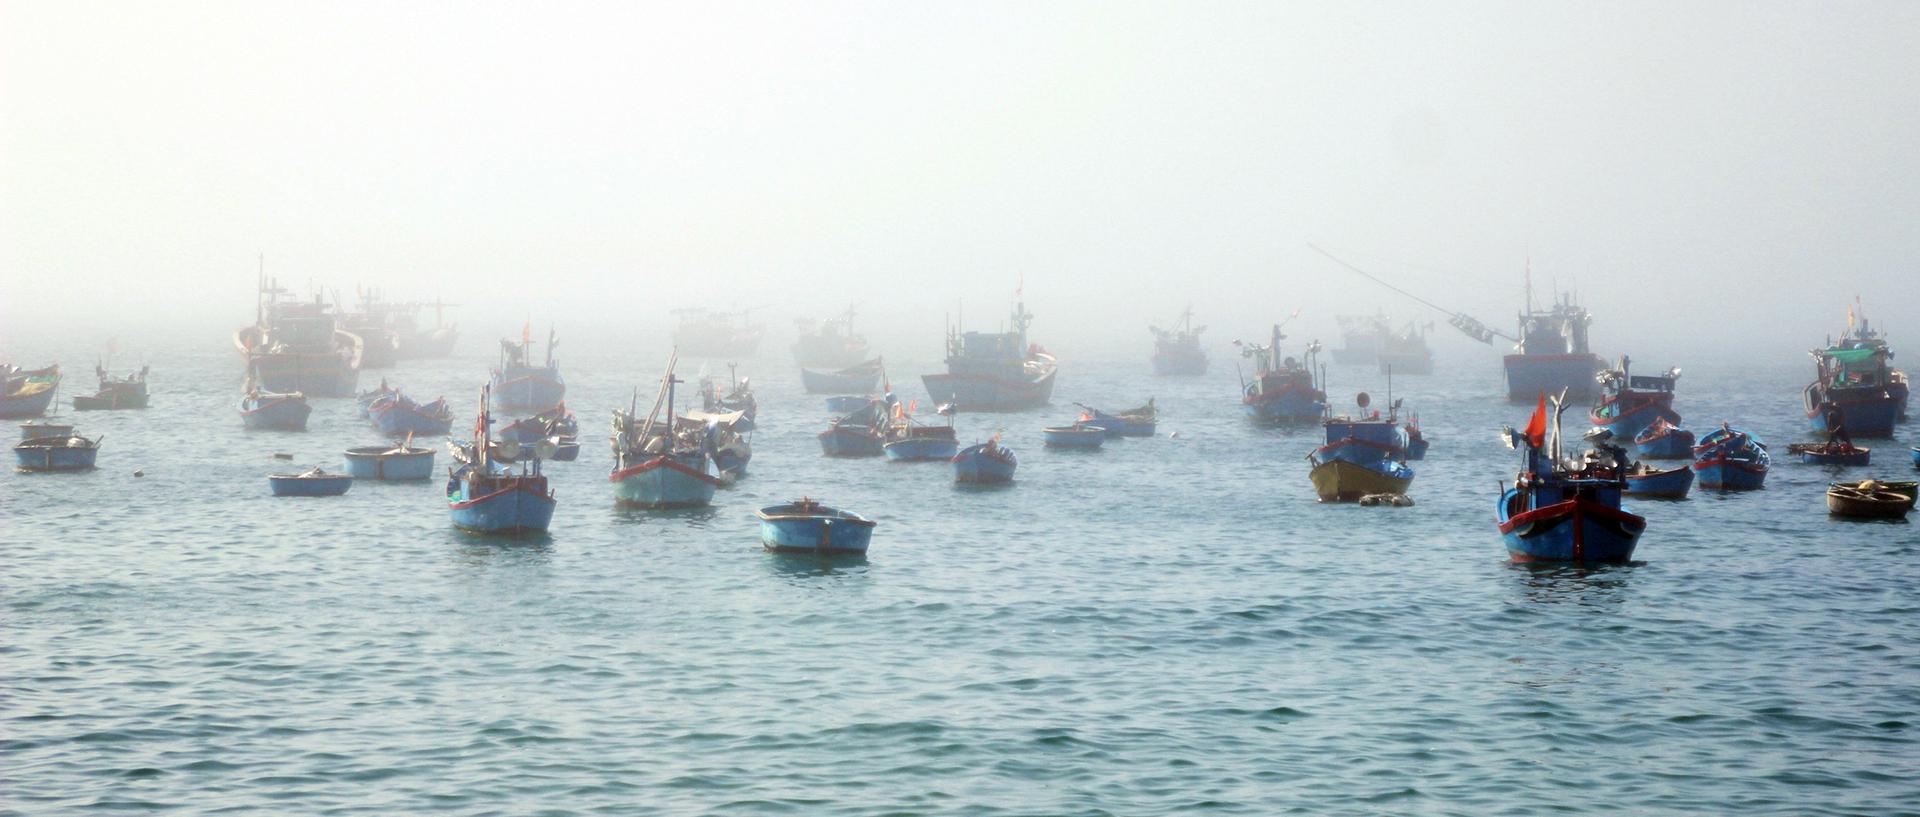 Săn tôm hùm biển kiếm bạc triệu mỗi ngày ảnh 2